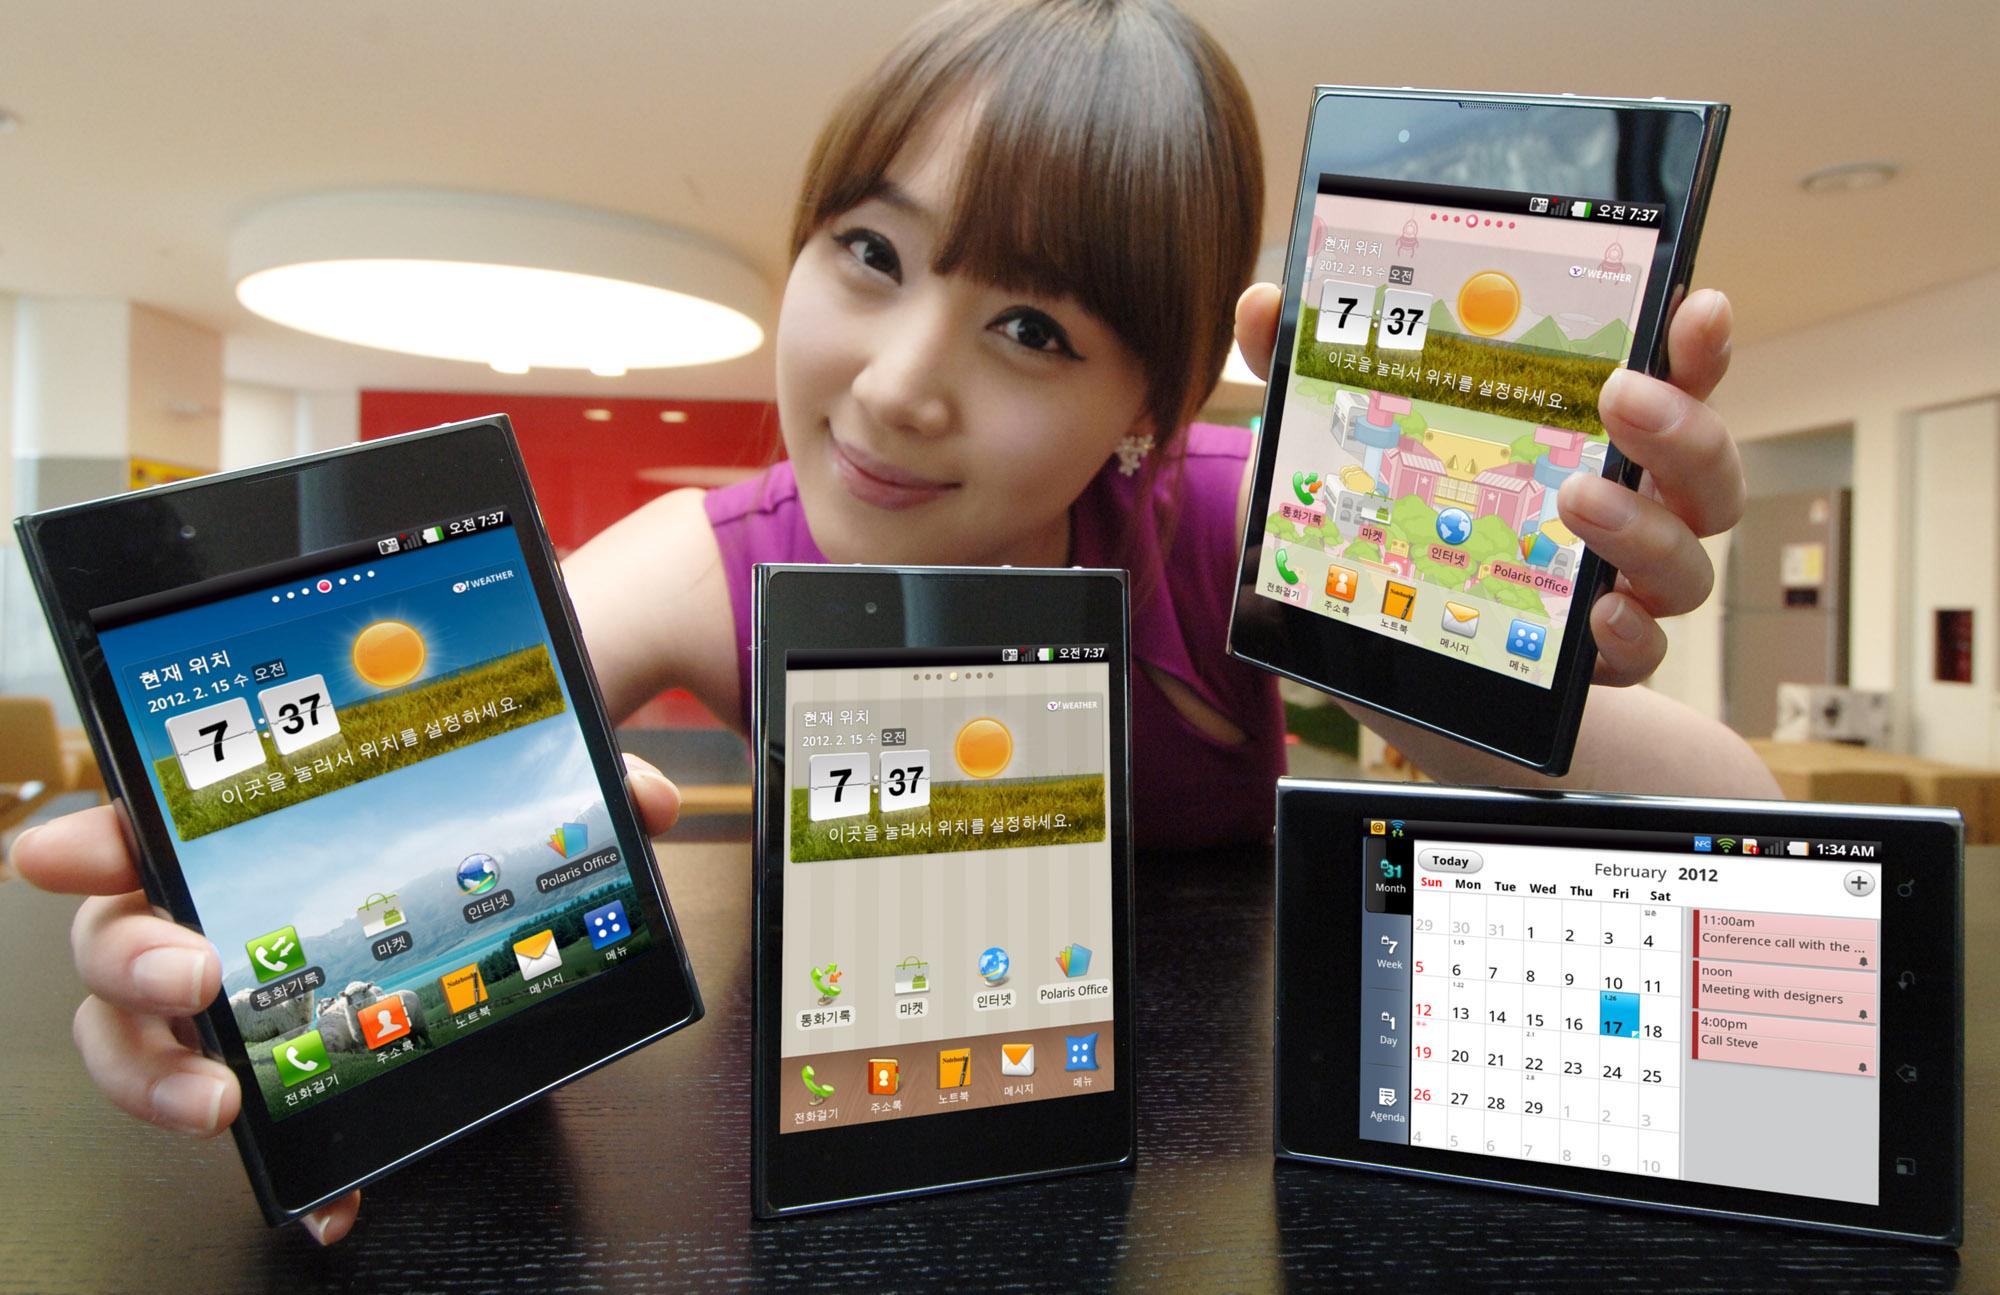 Рынок дисплеев для планшетов вырос вдвое